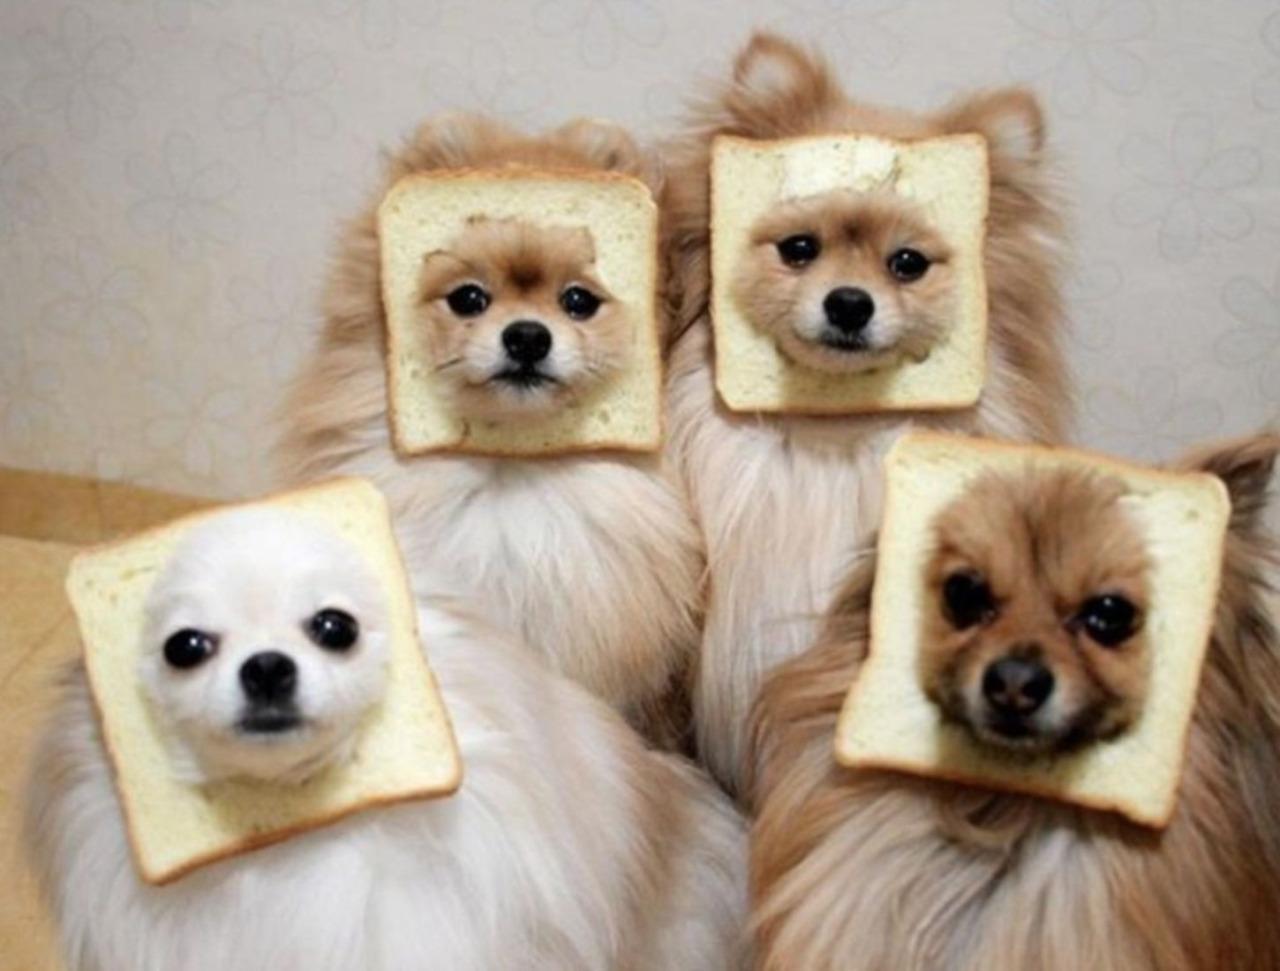 Bread dog family